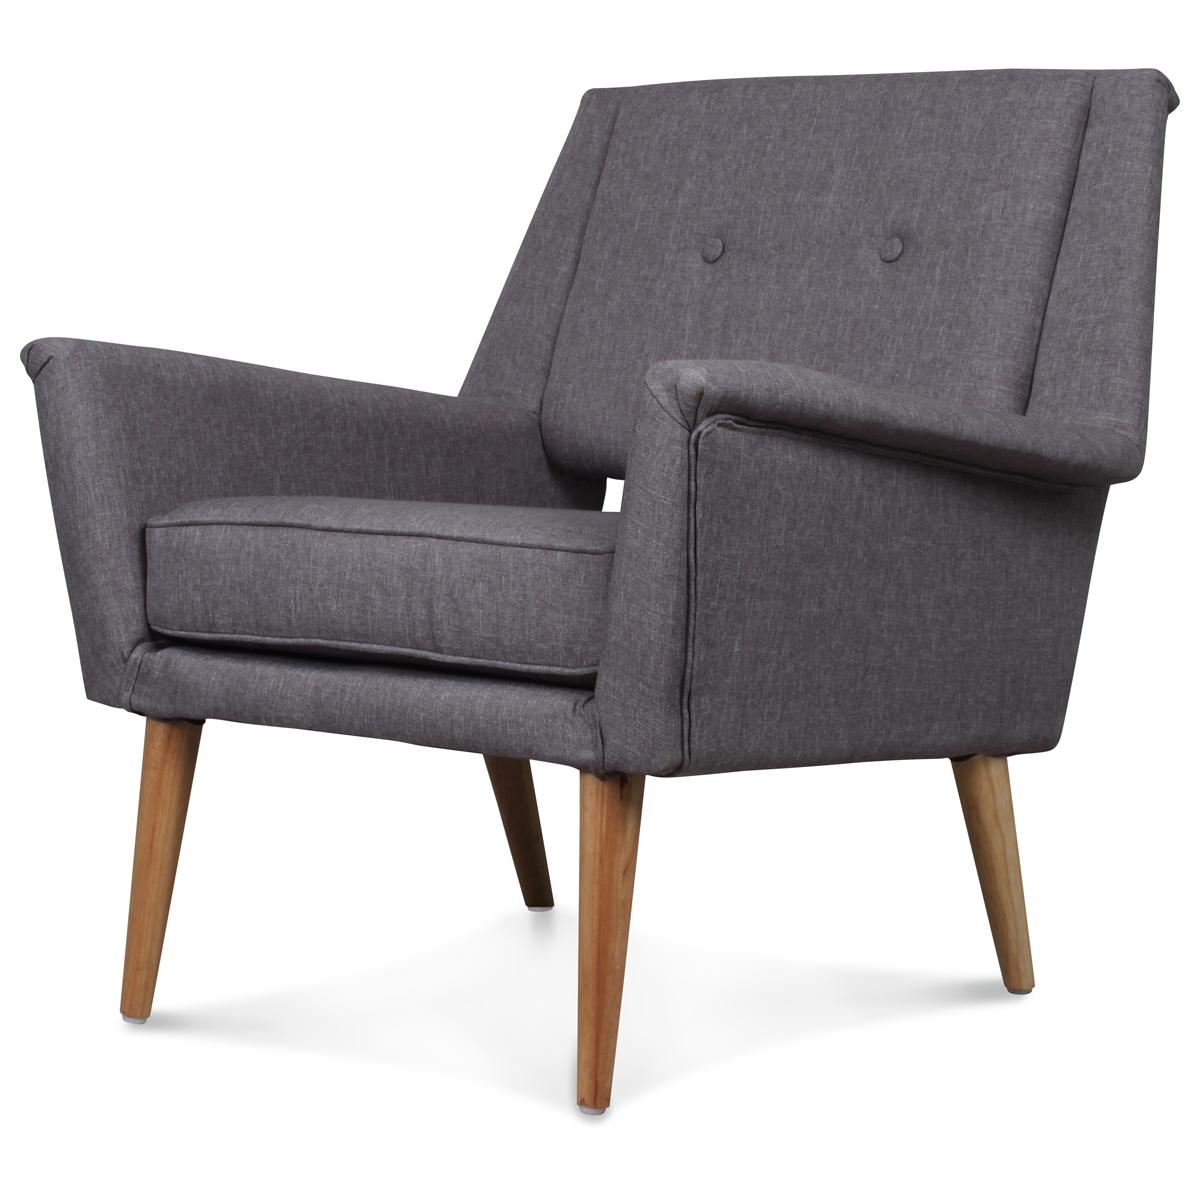 fauteuil design scandinave vintage 60 gris retro